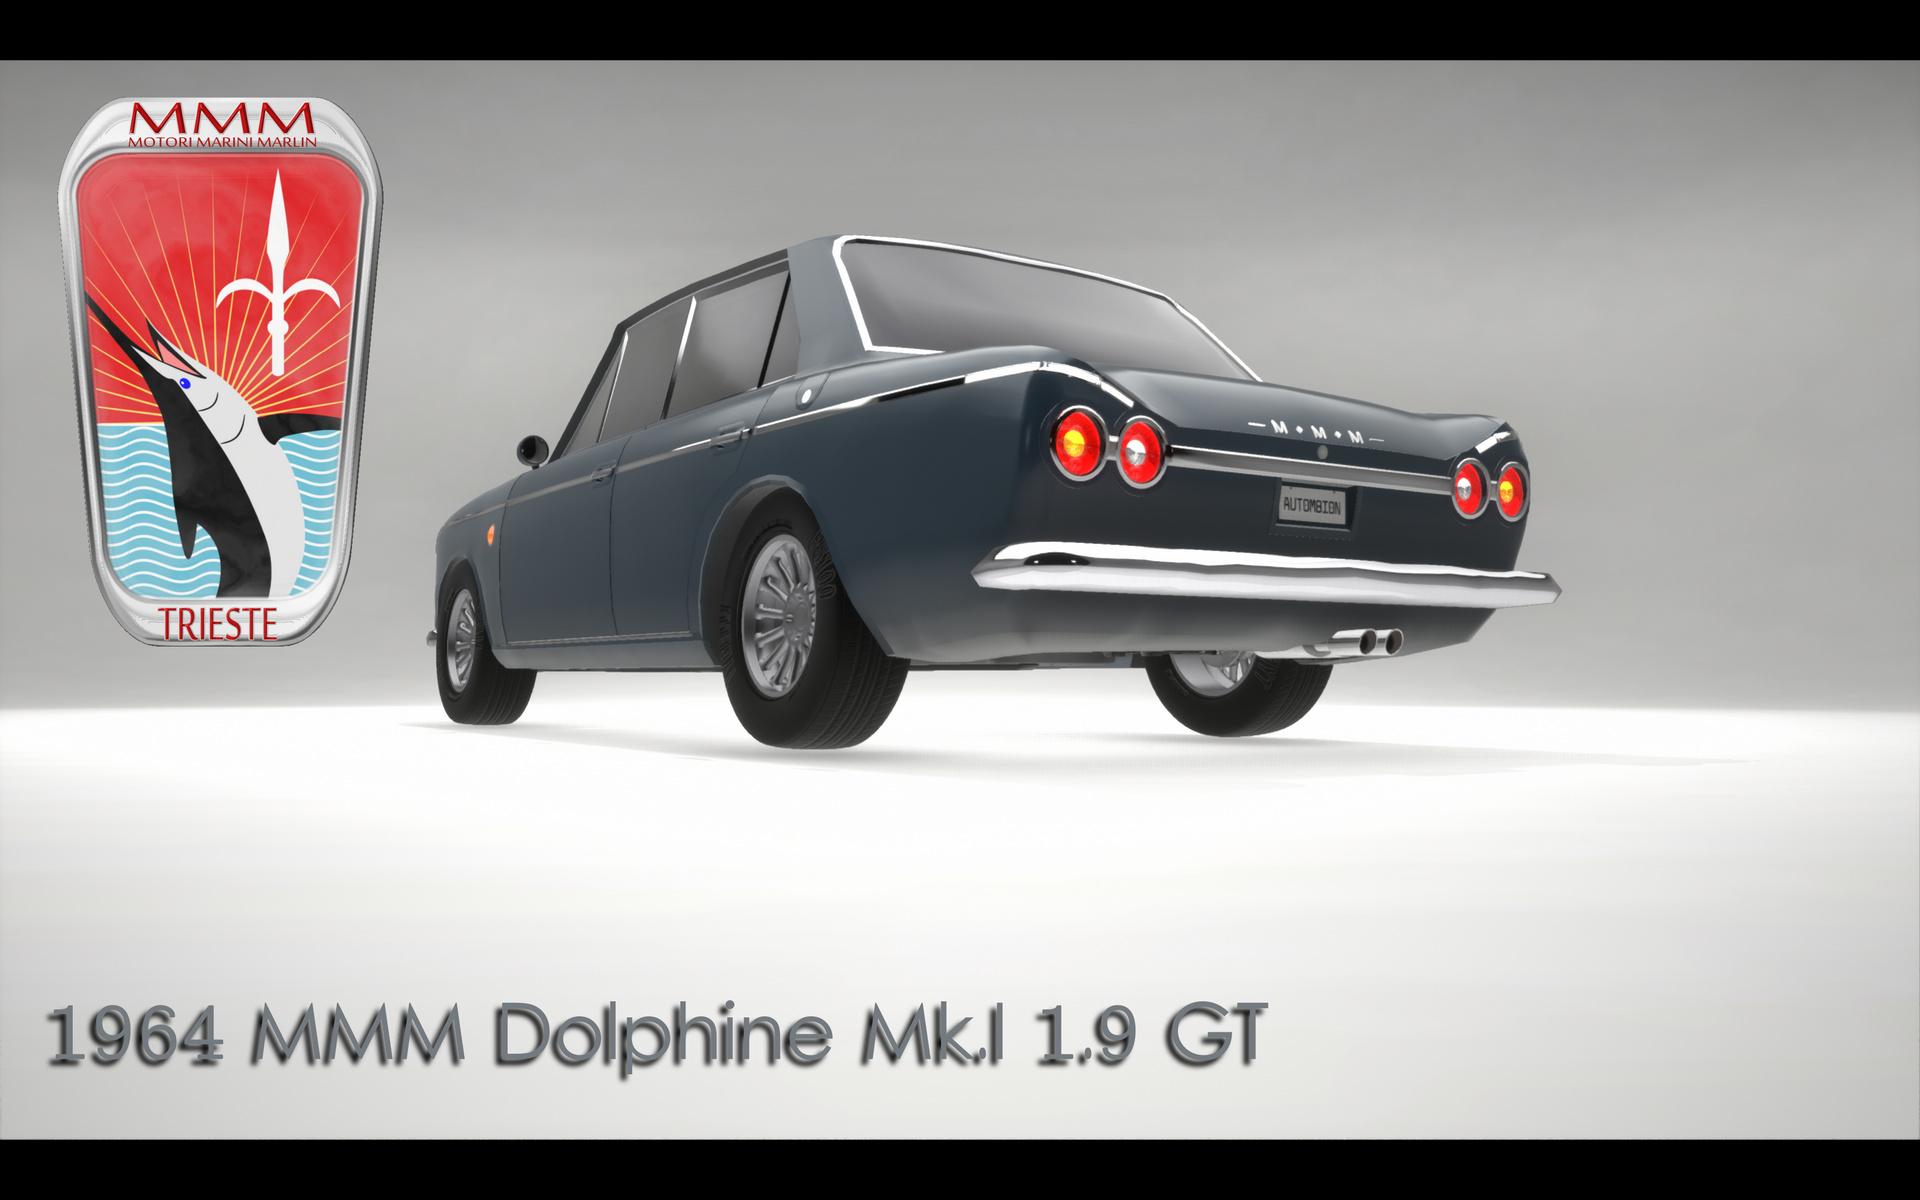 Blue Marlin Motori Auto & Žnoprešk Avtomobil - Car Design Sharing ...